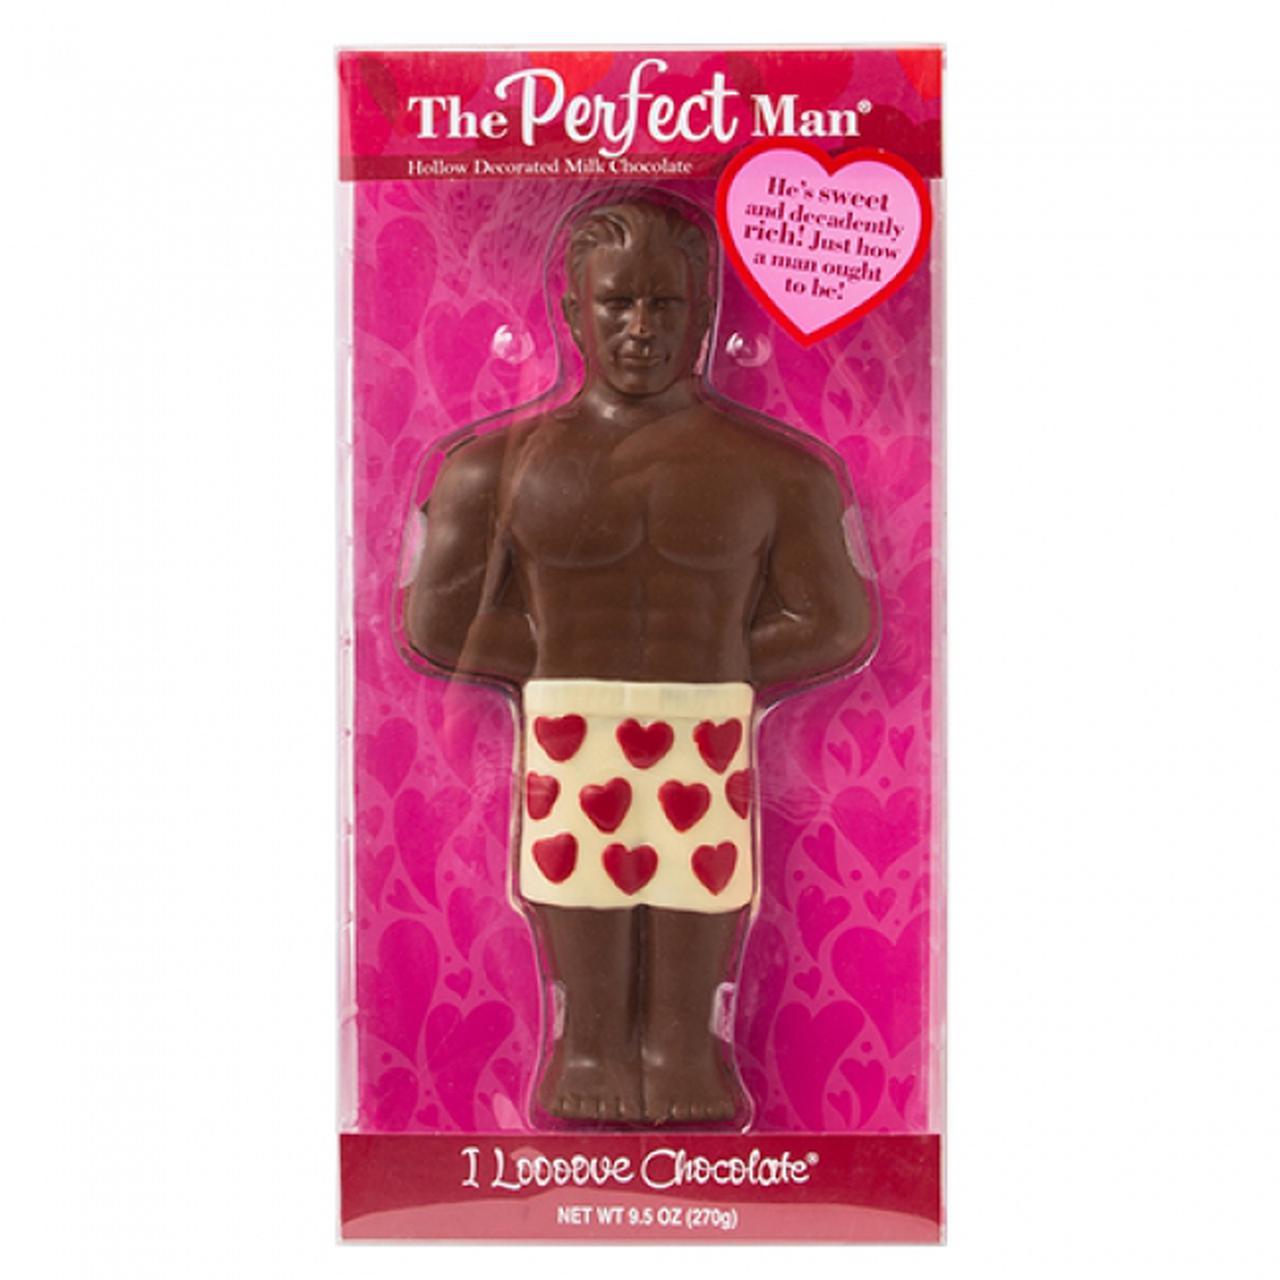 画像2: 全国のPLAZAお菓子担当スタッフ114人が選ぶ ~「見た目が可愛いインパクトチョコレート」ベスト3!